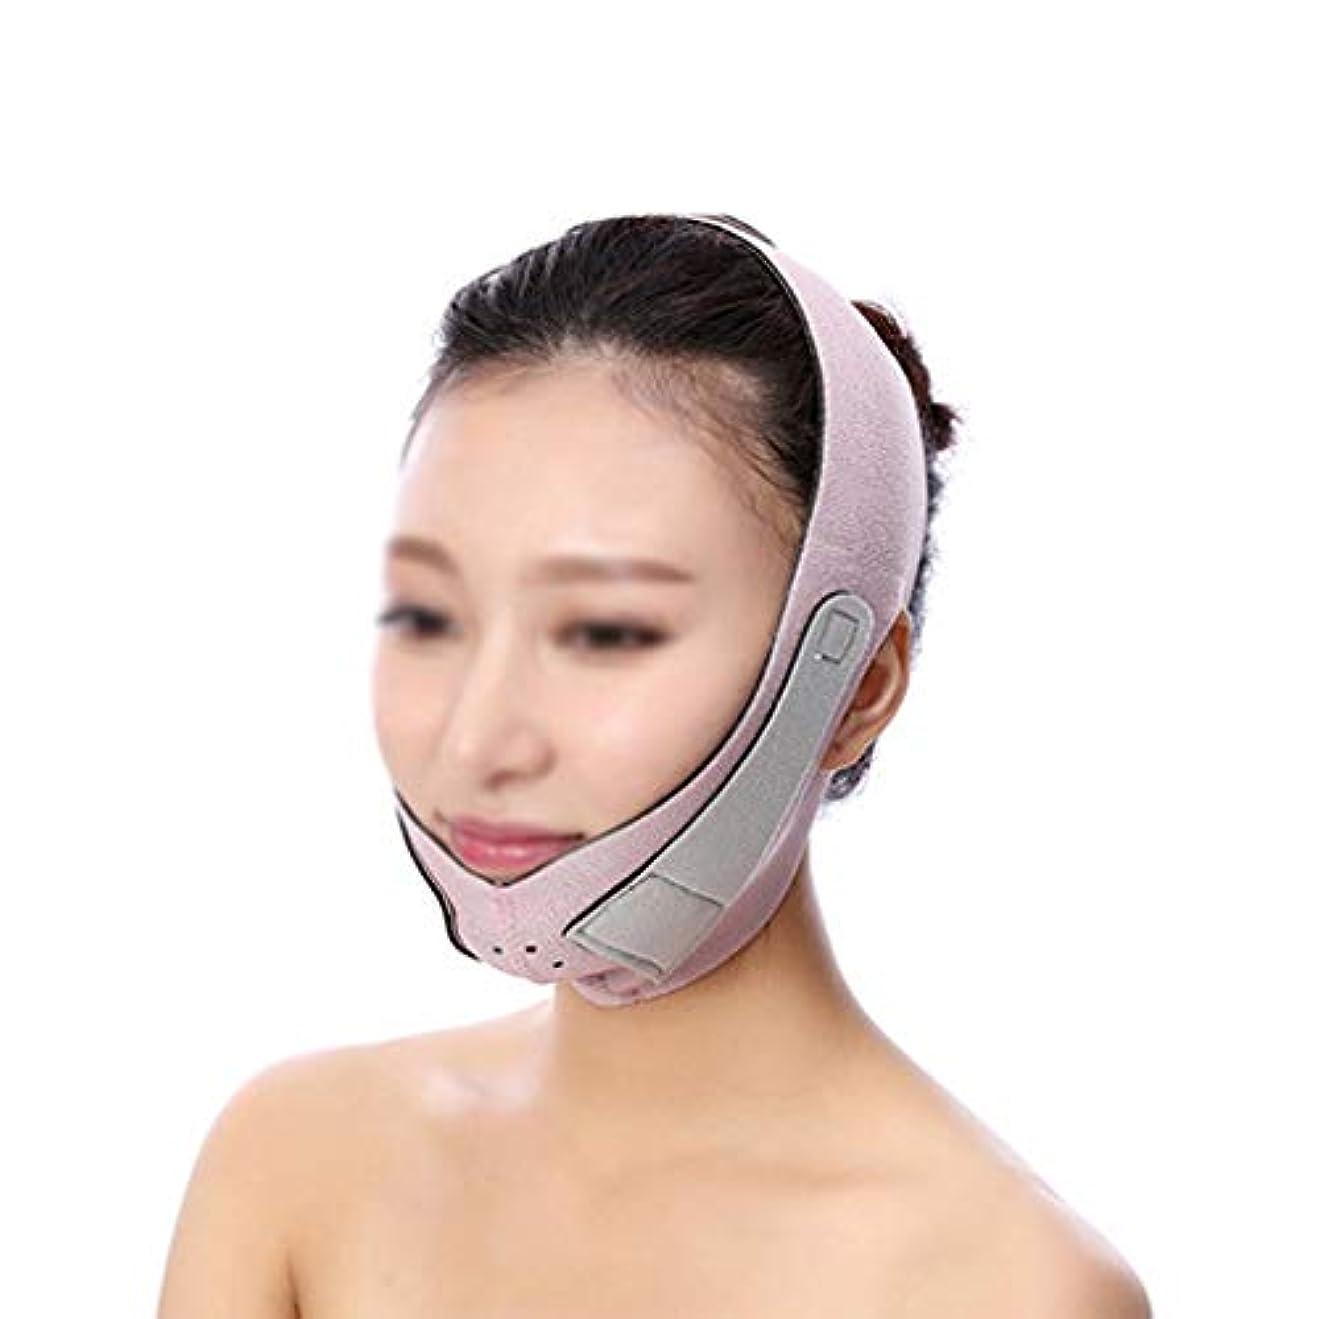 市町村農業宇宙XHLMRMJ 薄型フェイスマスク、フェイスリフティングに最適、フェイスバンドを引き締めて肌の包帯を締め、頬あごの持ち上げ、肌の包帯を引き締める(ワンサイズはすべてにフィット) (Color : Purple)